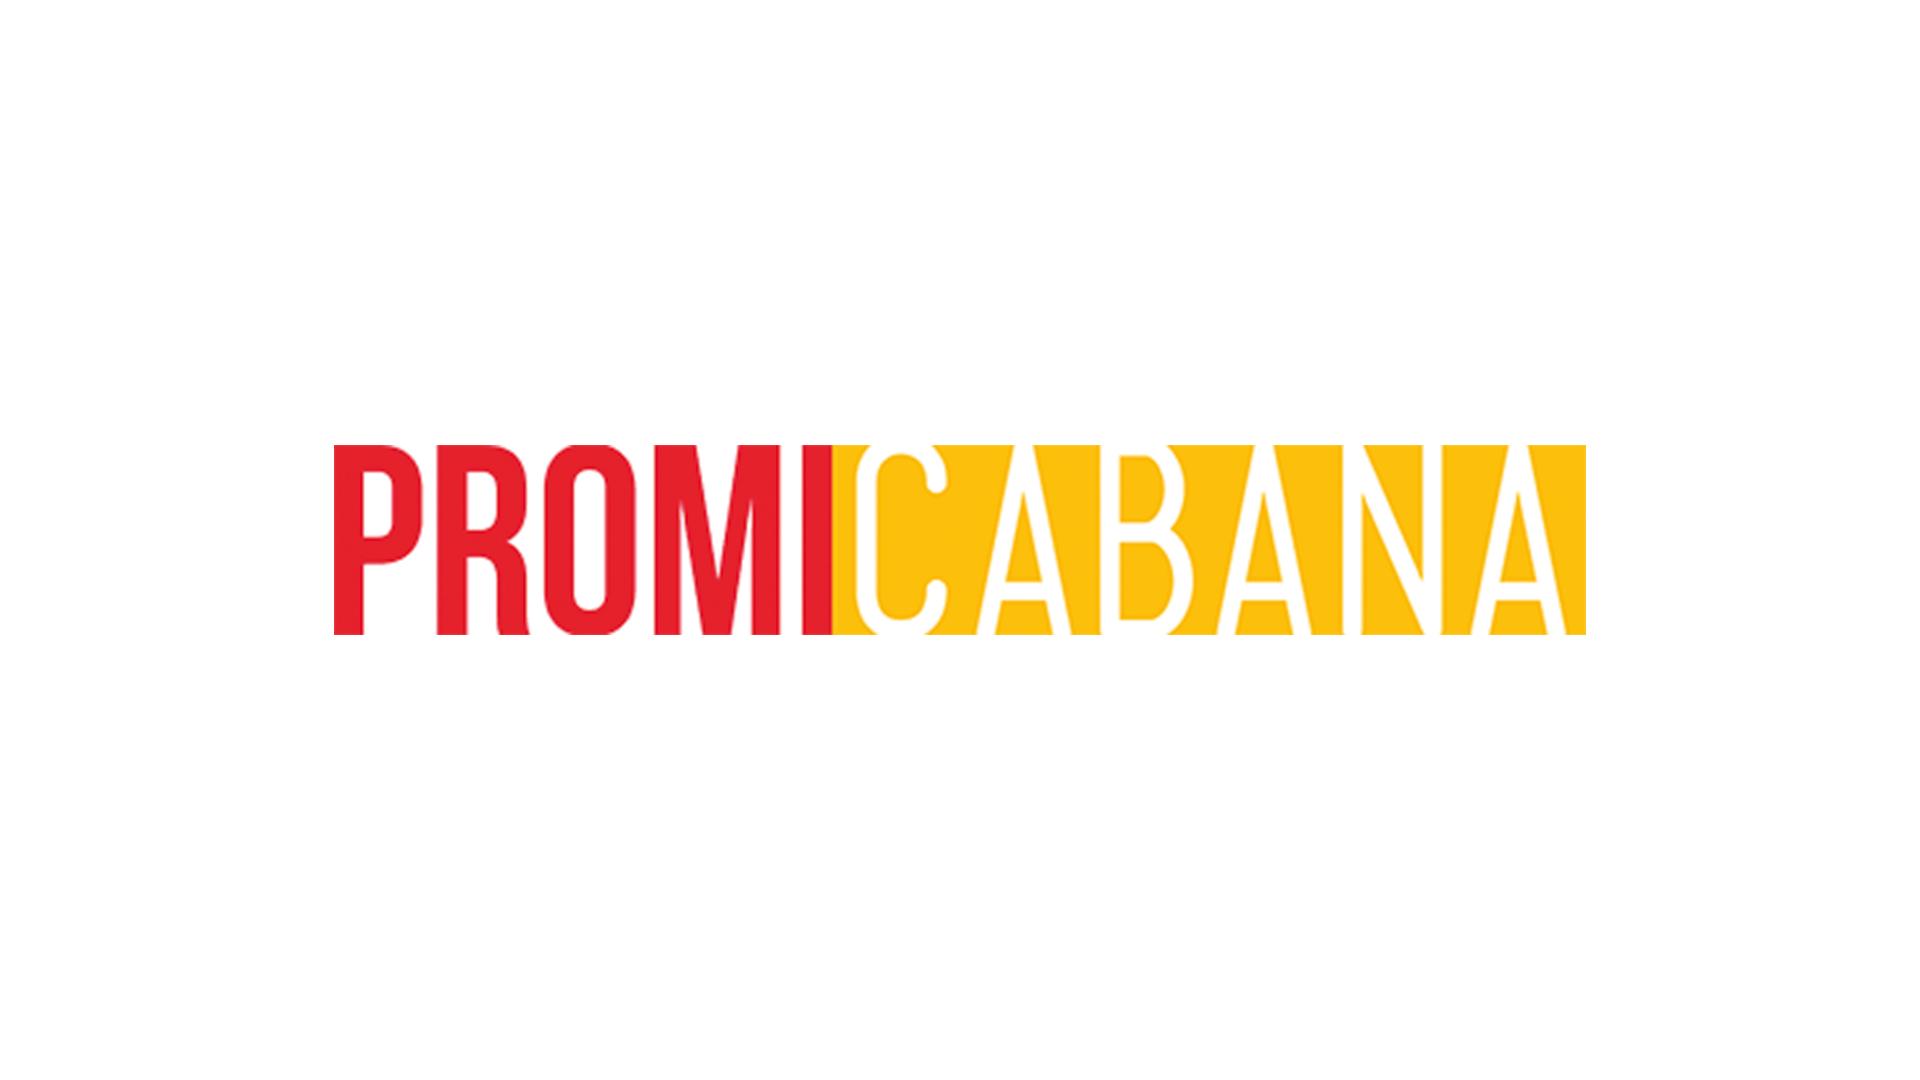 Bella-Edward-Breaking-Dawn-2-Teaser-Trailer-Sneak-Peek